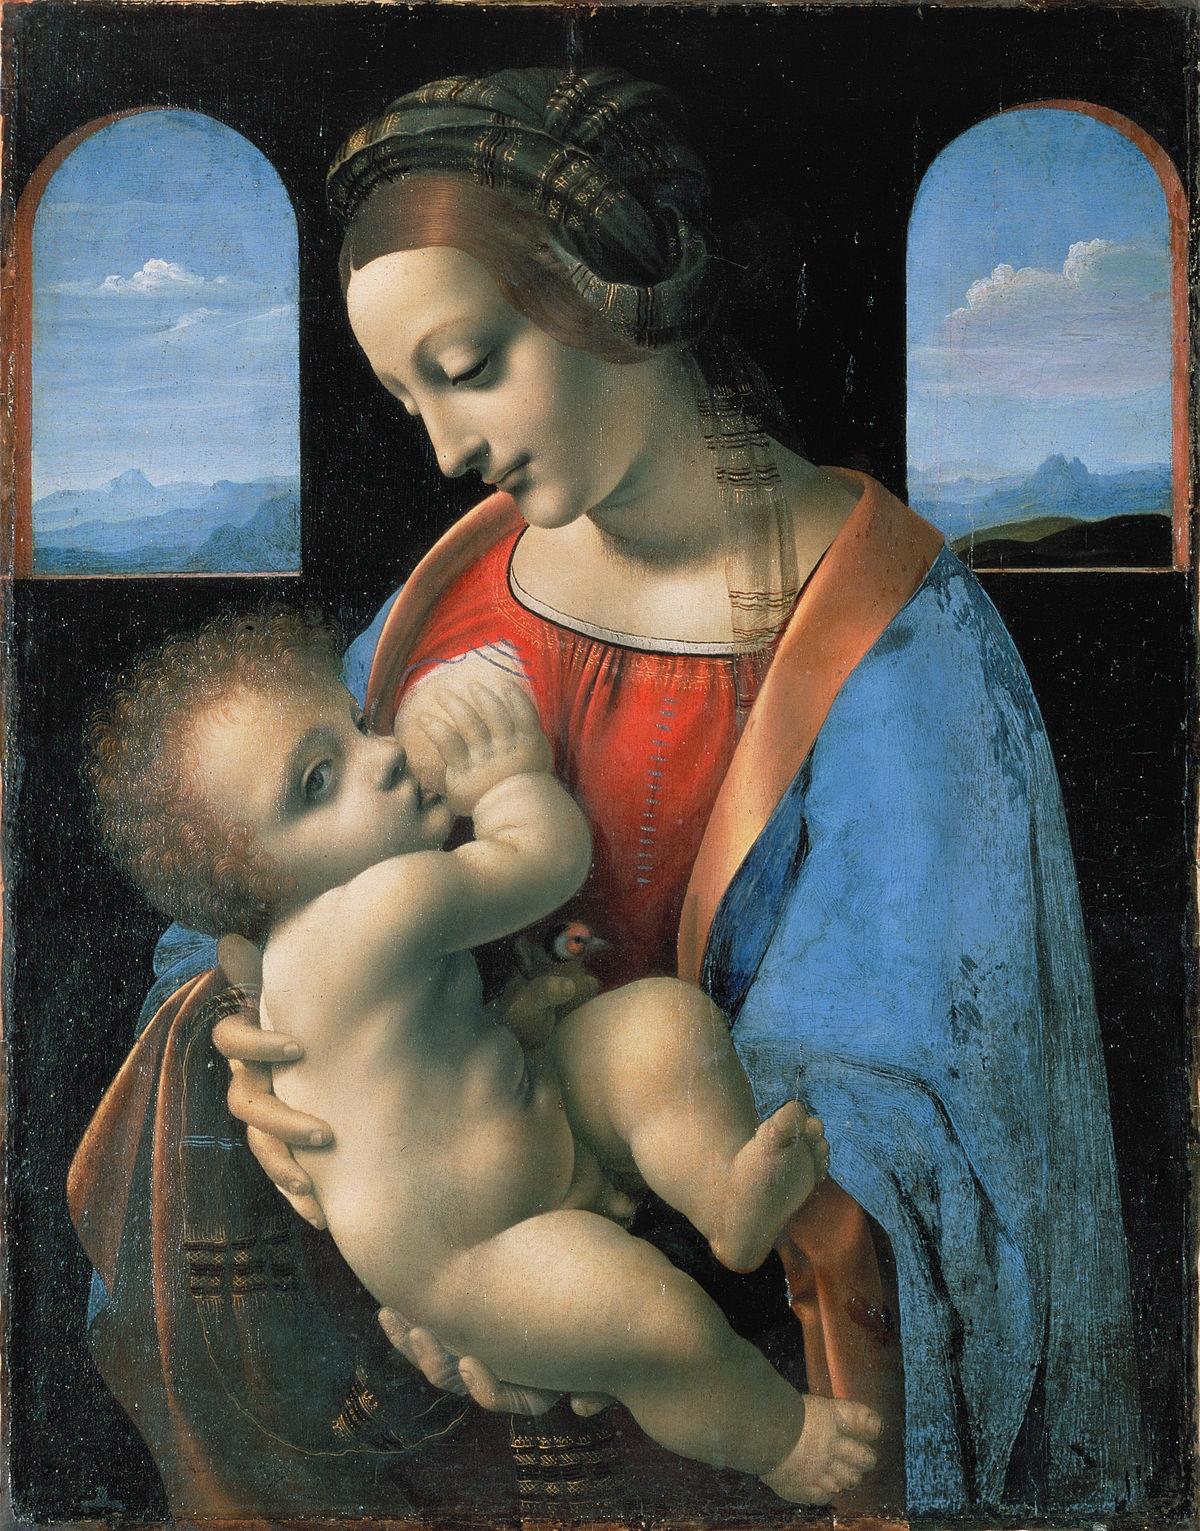 Леонардо да Винчи: интересные факты, неожиданные открытия и самые популярные картины художника - фото №10